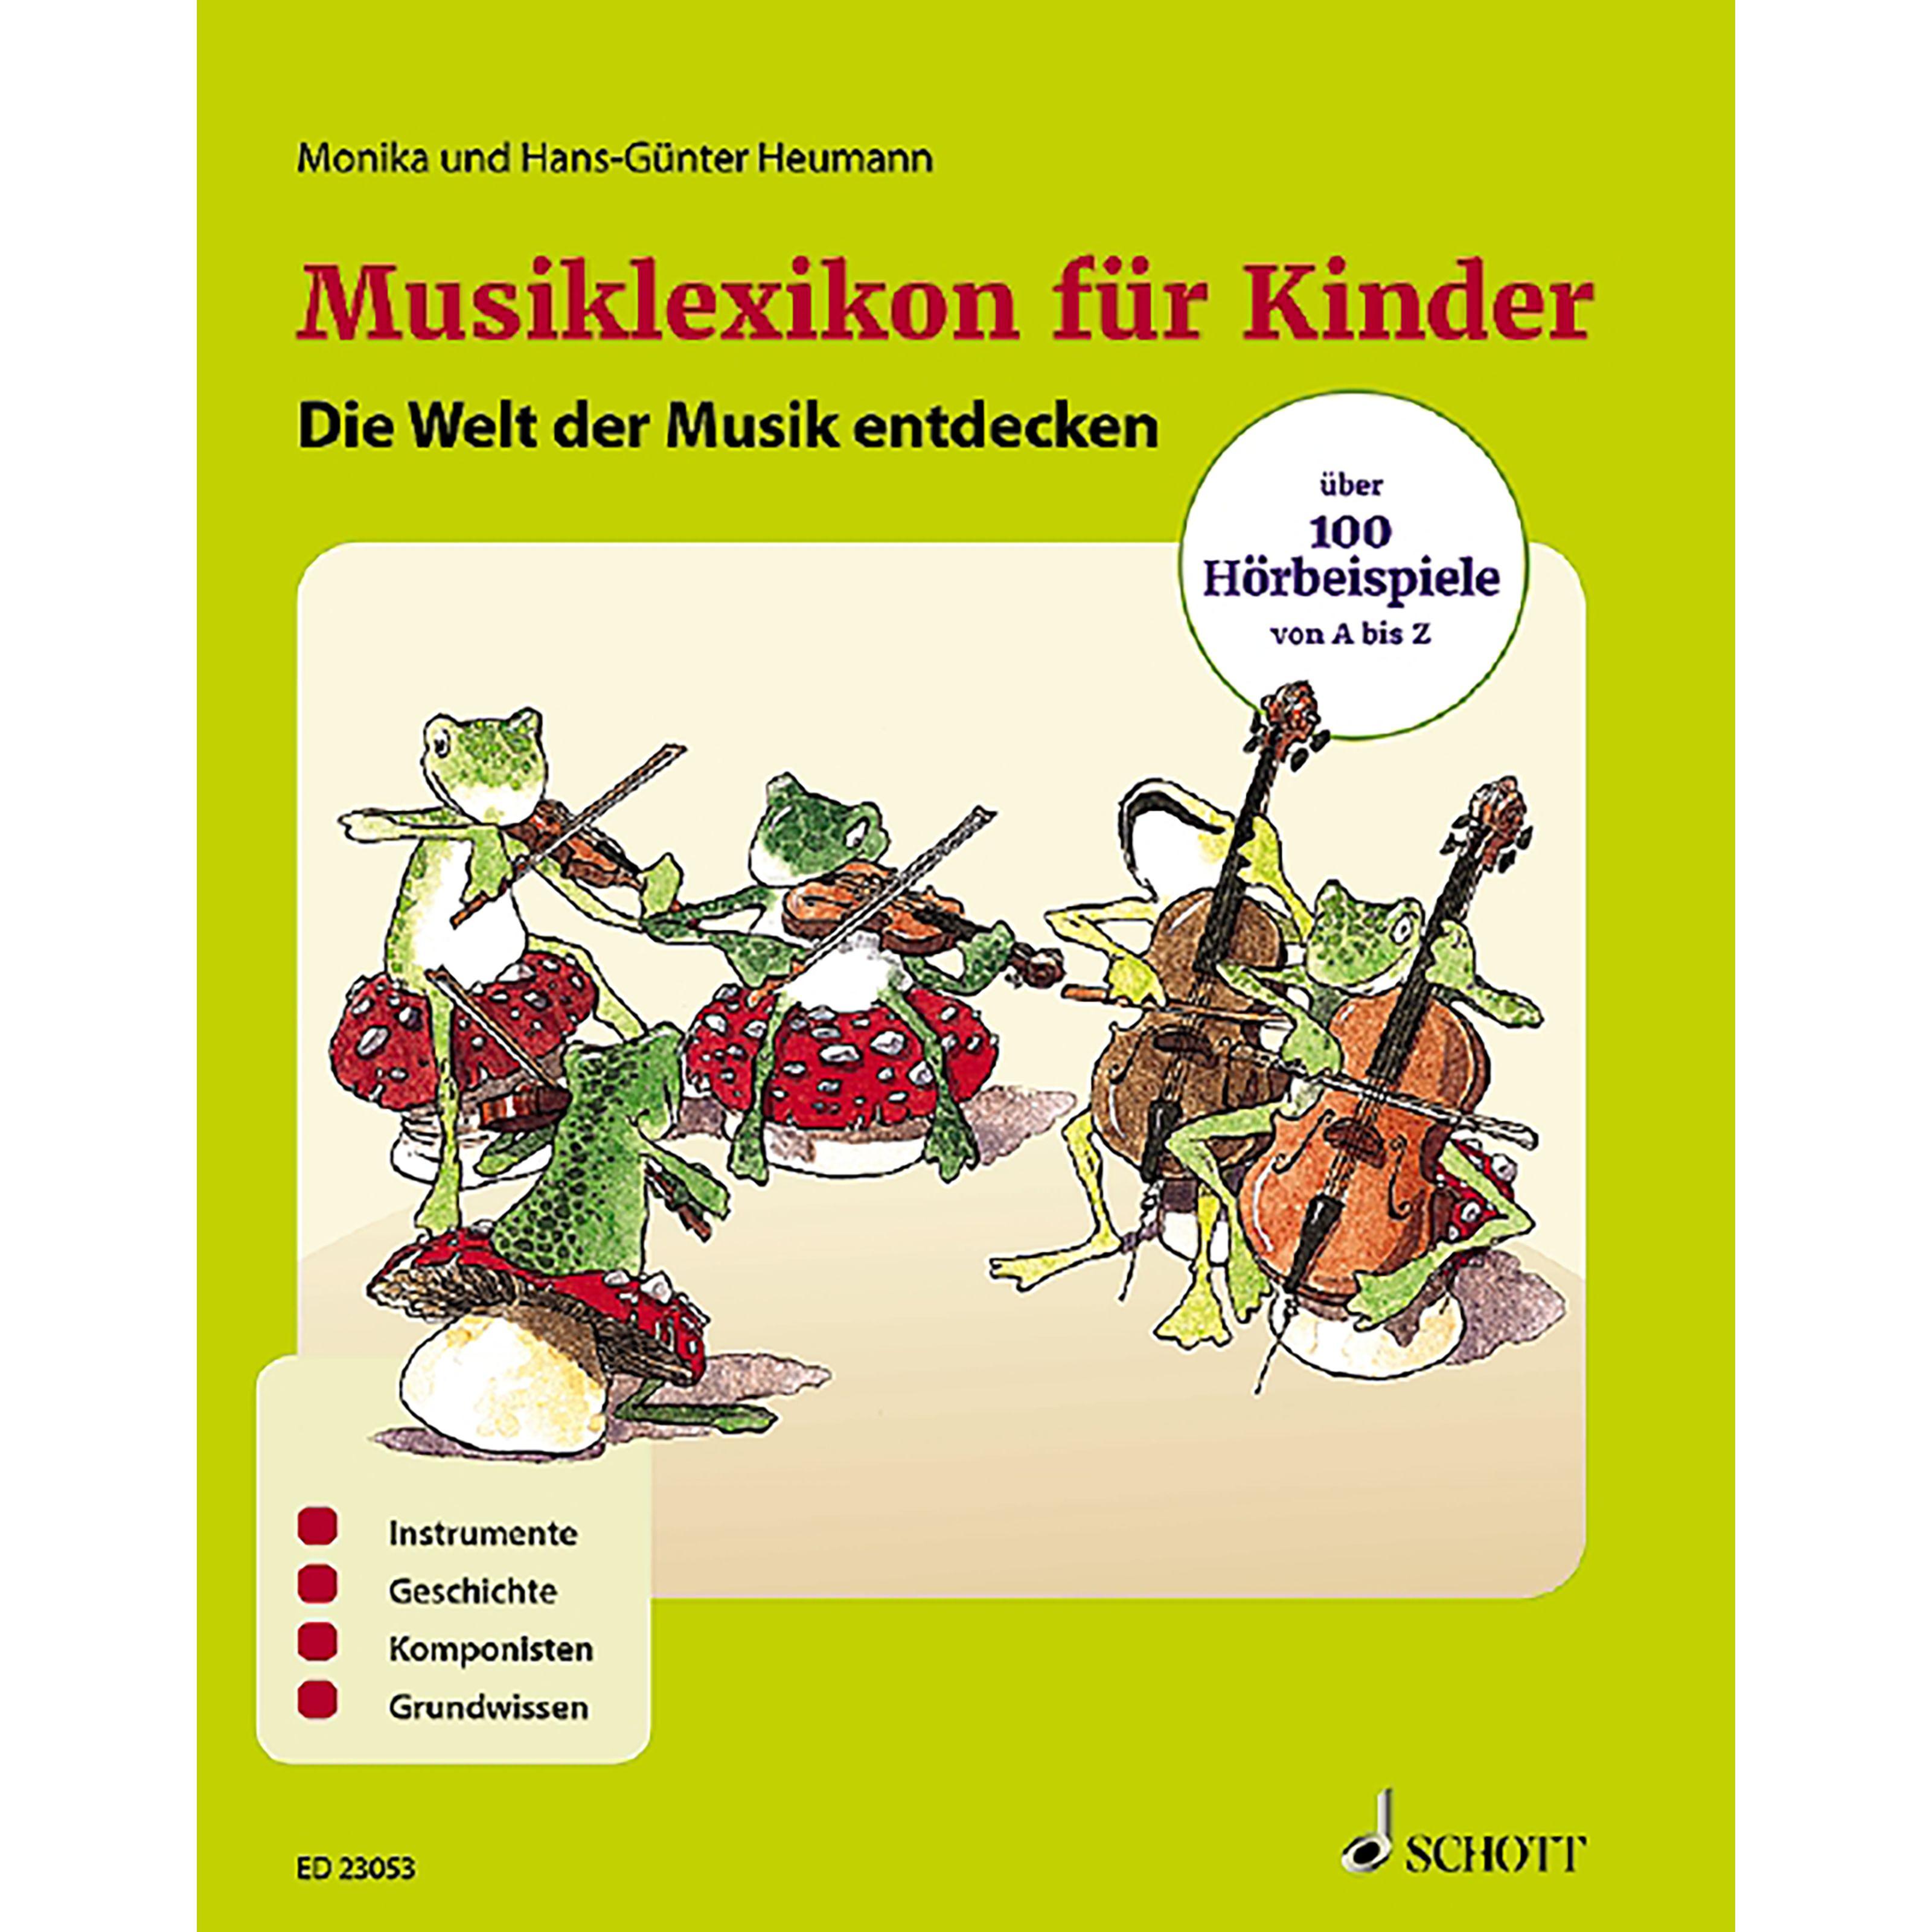 Schott Music - Musiklexikon für Kinder